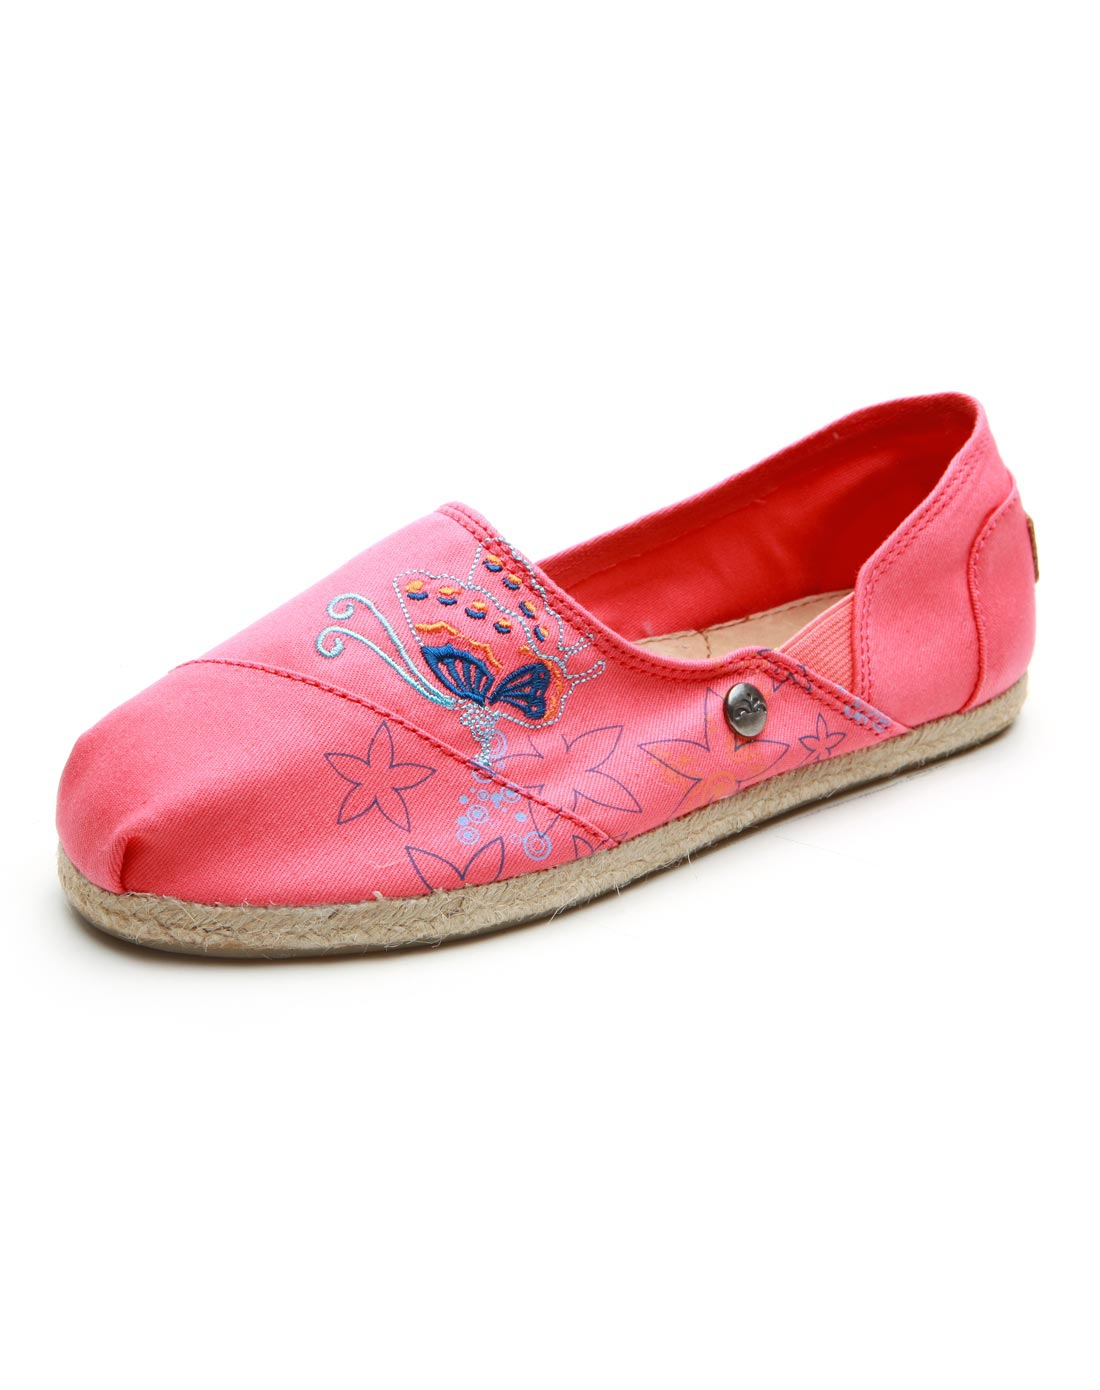 jm春夏新款潮休闲低帮浅口帆布鞋碎花女鞋单鞋子